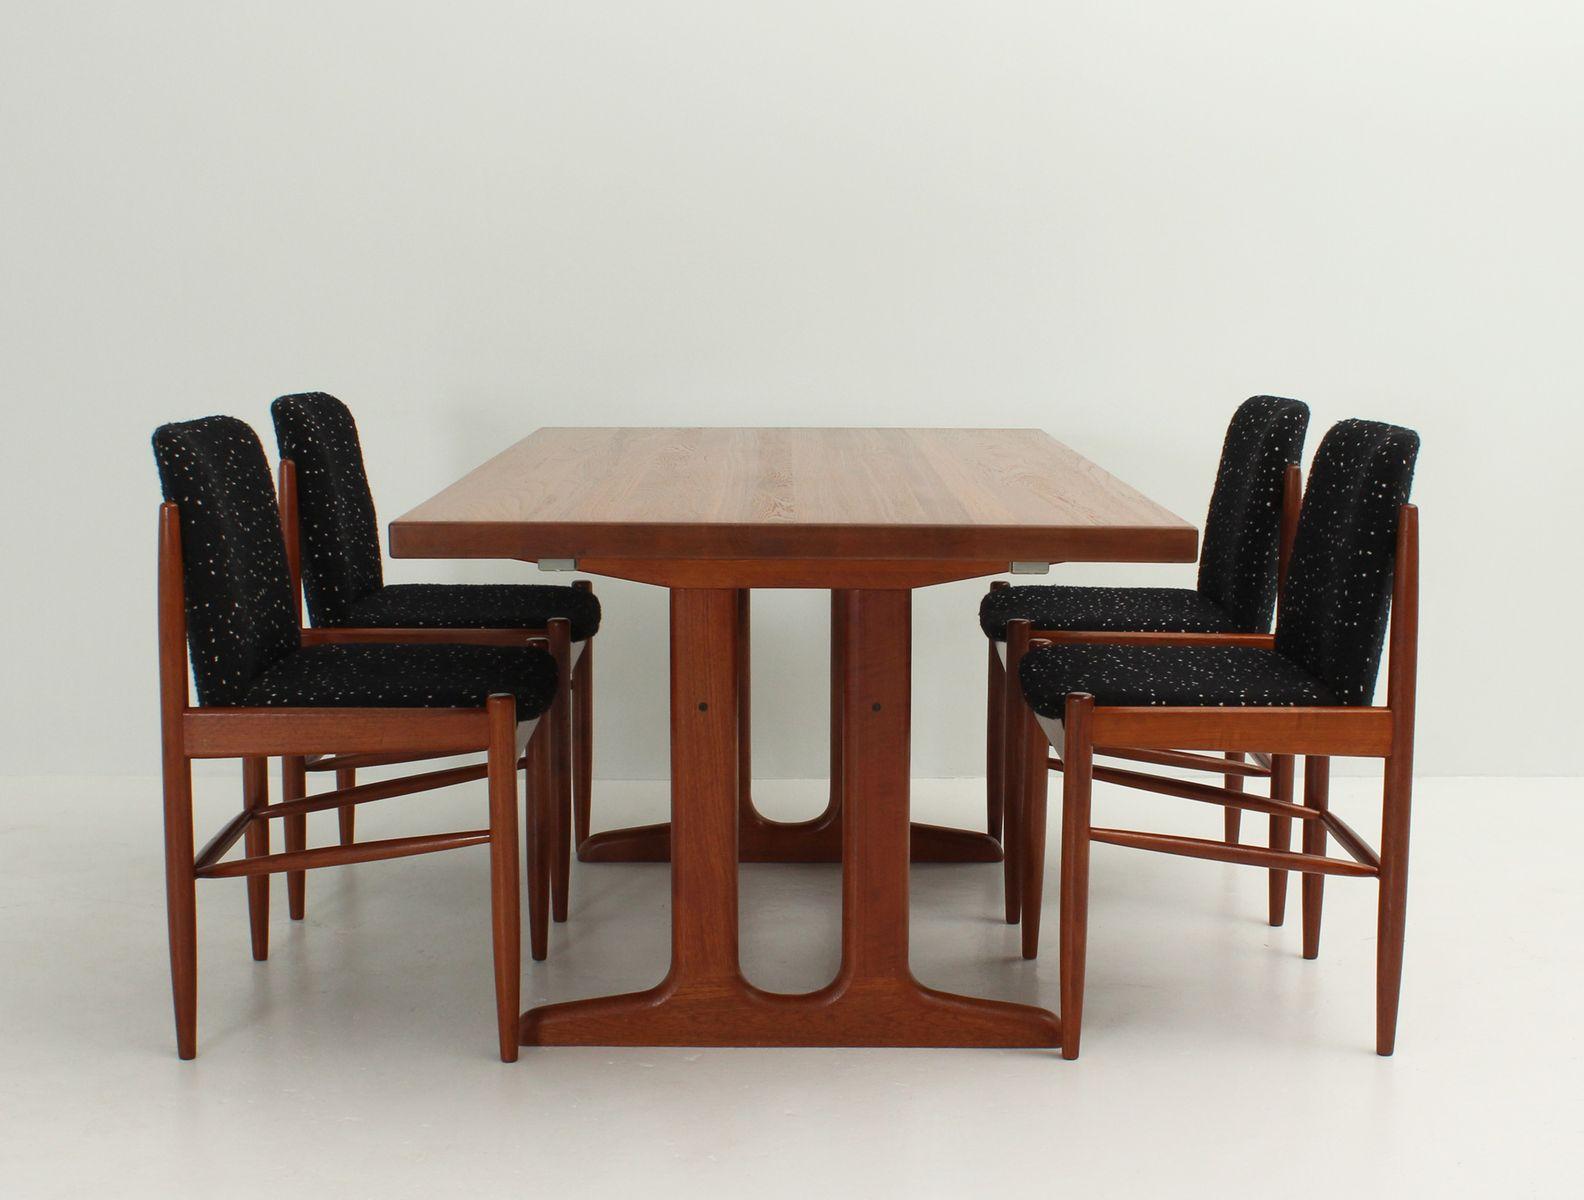 d nische esszimmerst hle aus teak wolle 1960er 4er set bei pamono kaufen. Black Bedroom Furniture Sets. Home Design Ideas